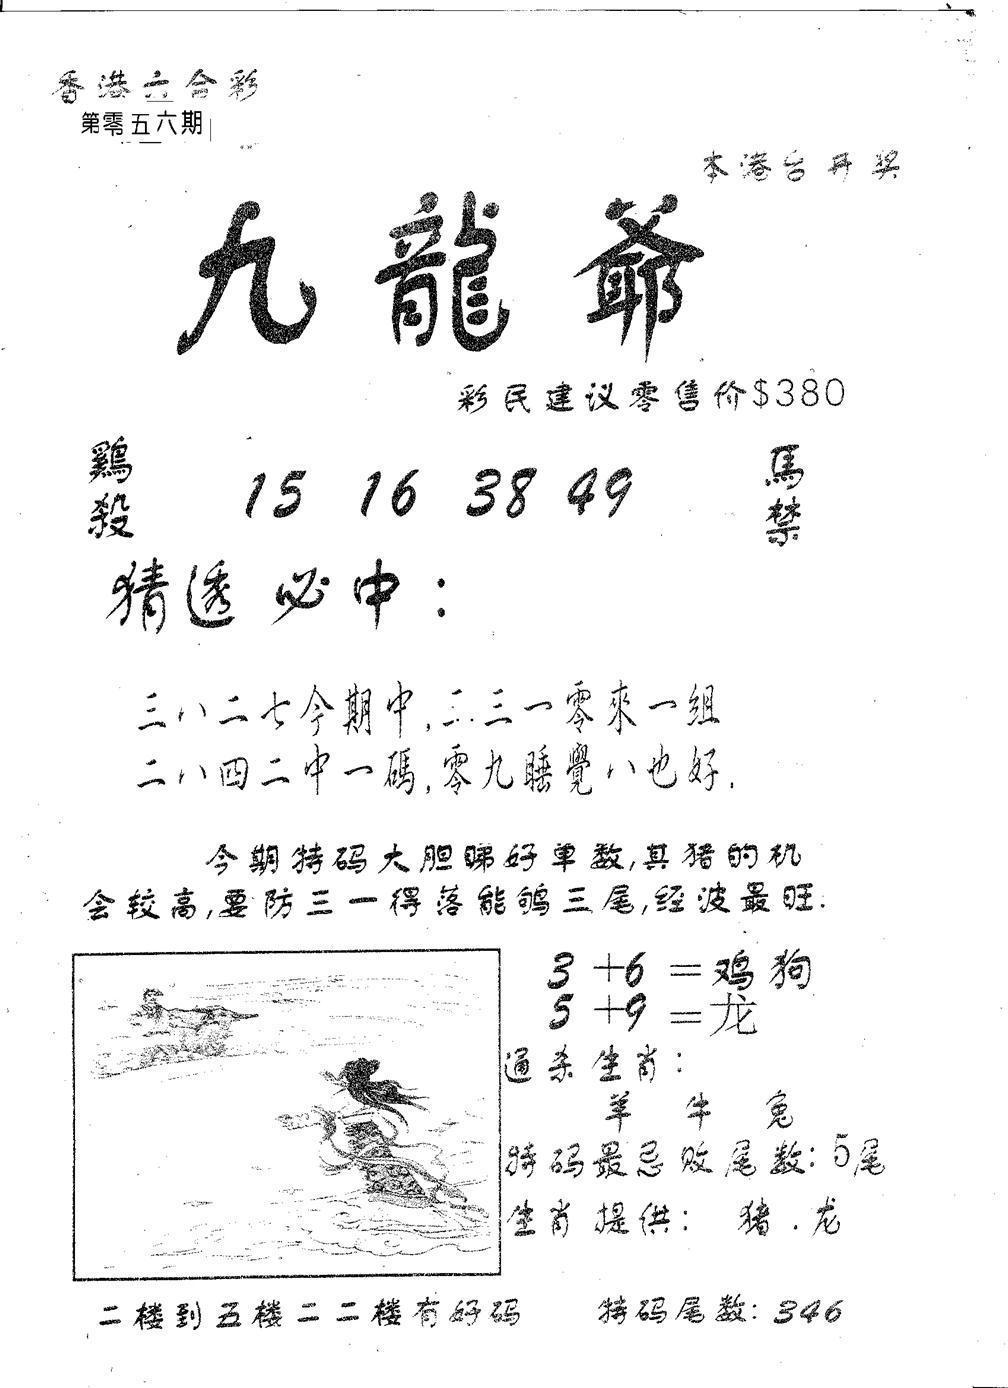 056期曾特诗(黑白)